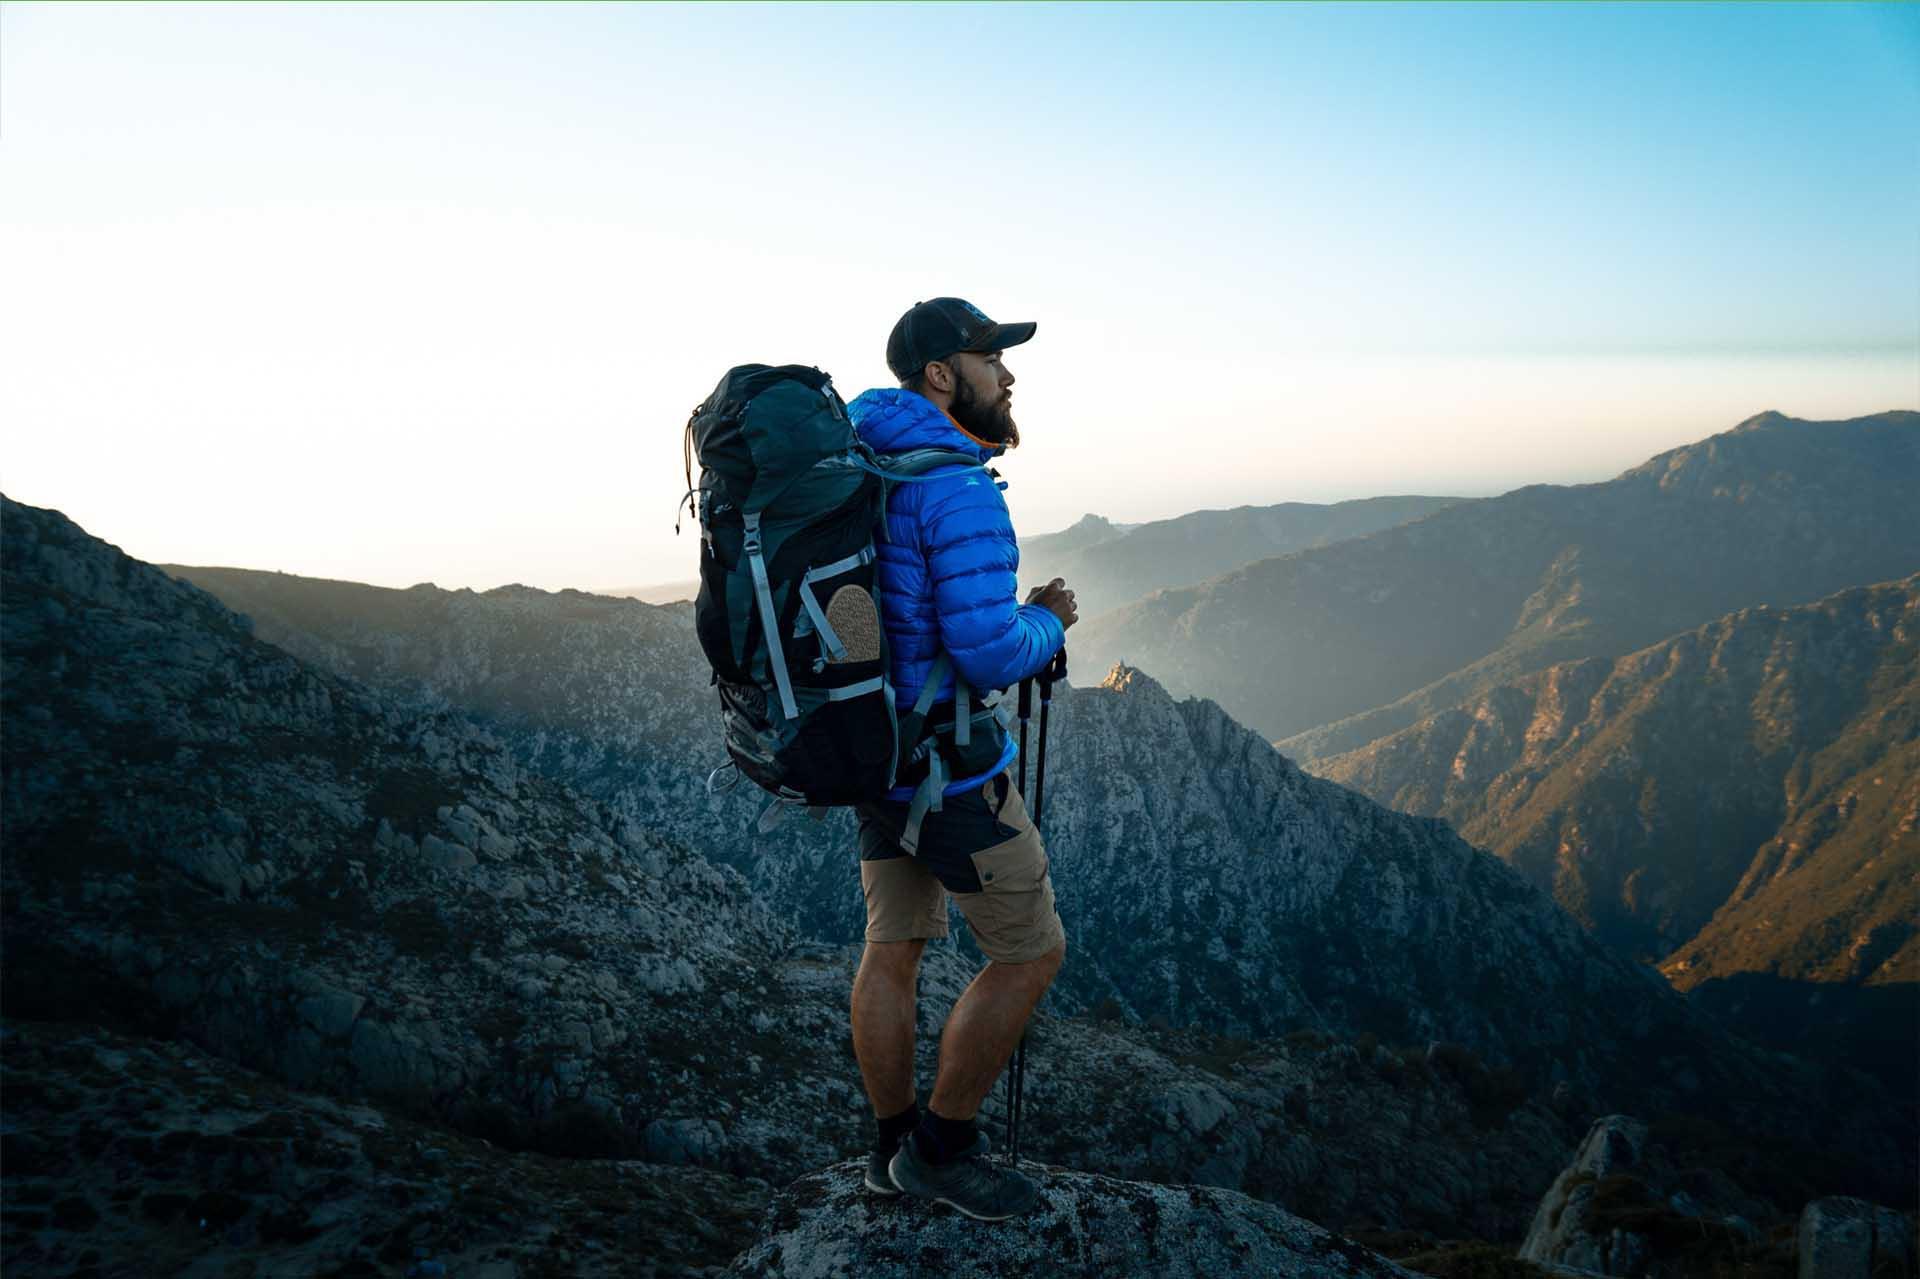 Programme explorateur de Mount Trail. Nous donnons des sacs de couchage, tentes, sac à dos pour les randonneurs et explorateurs.